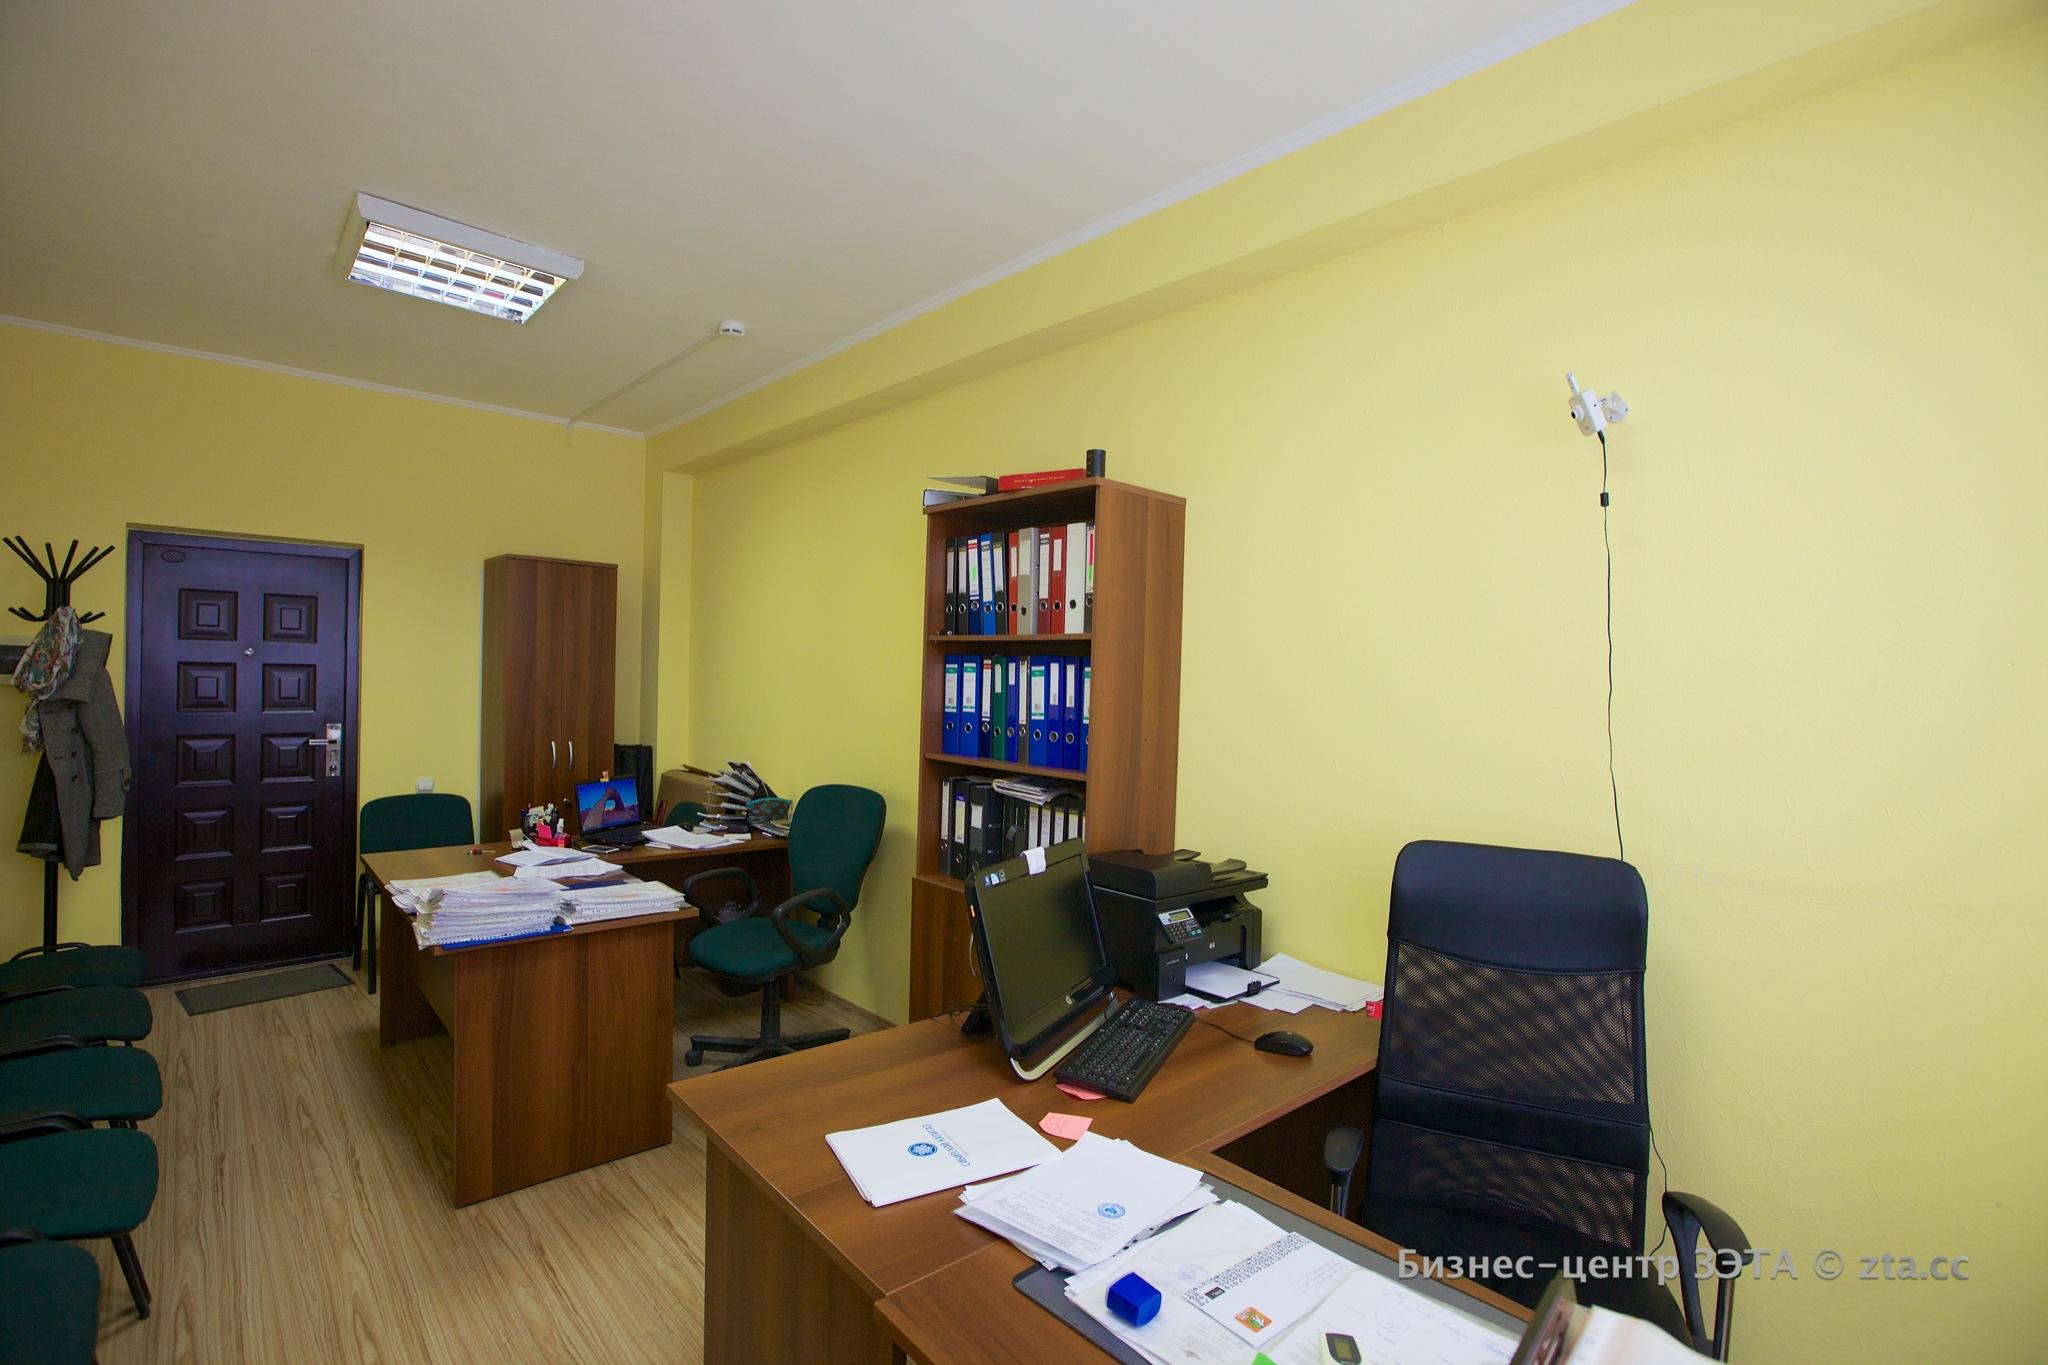 Цвет стен в офисе фото